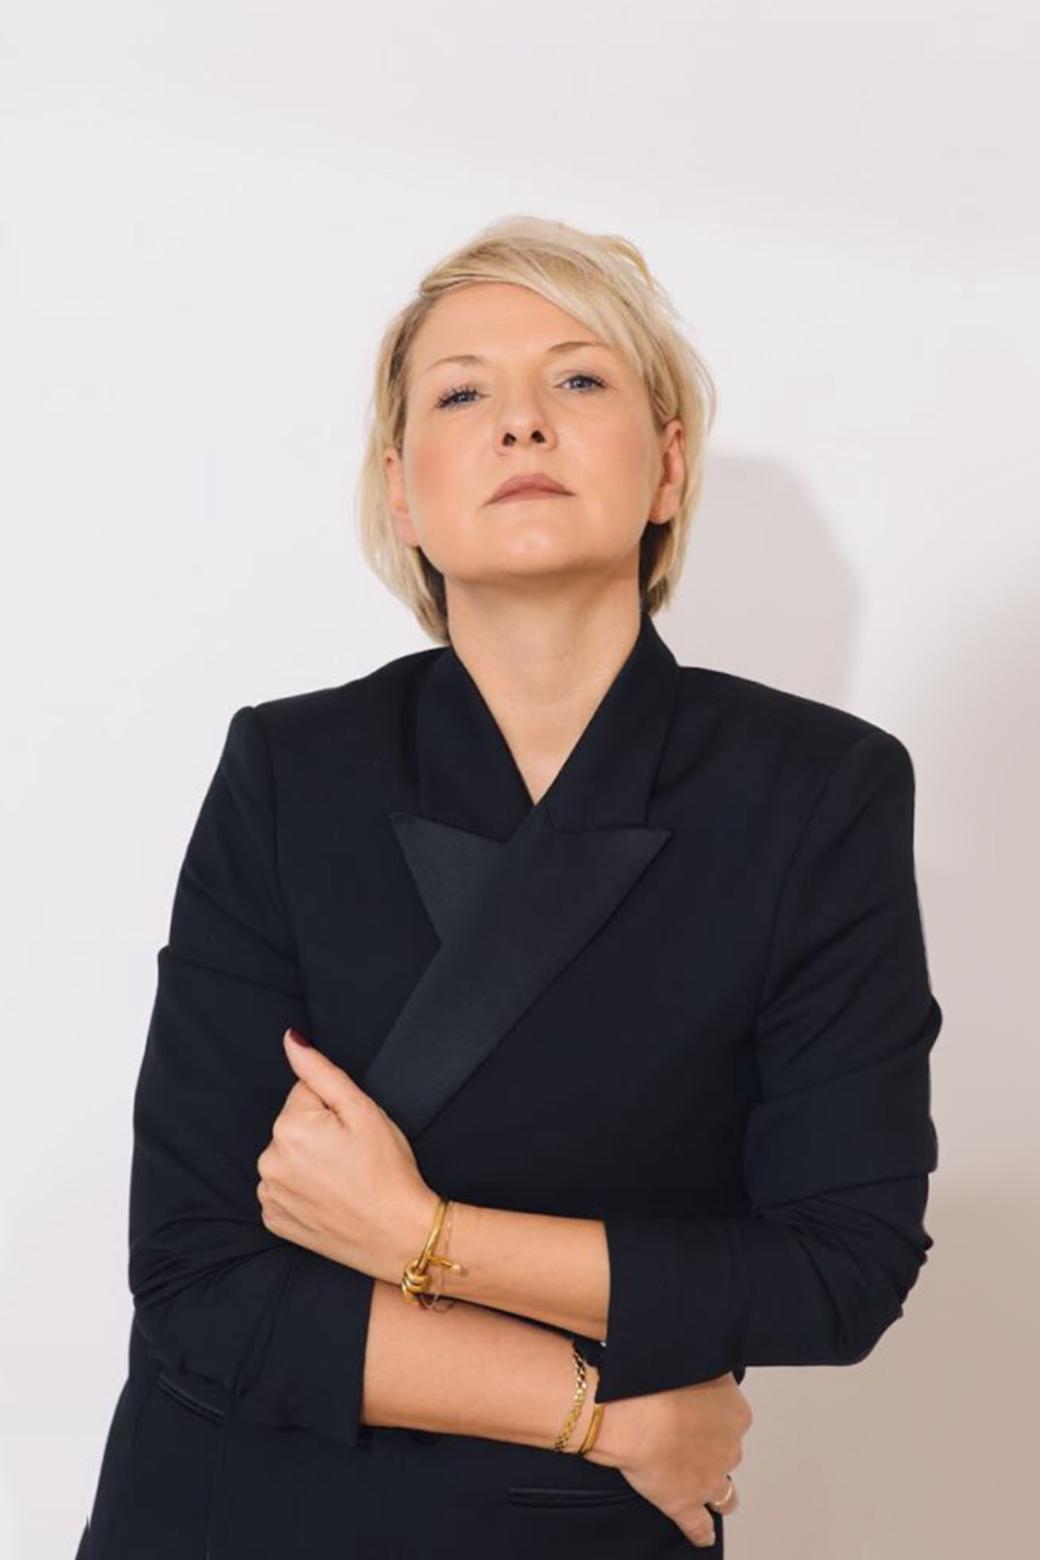 Diana Marian Murek